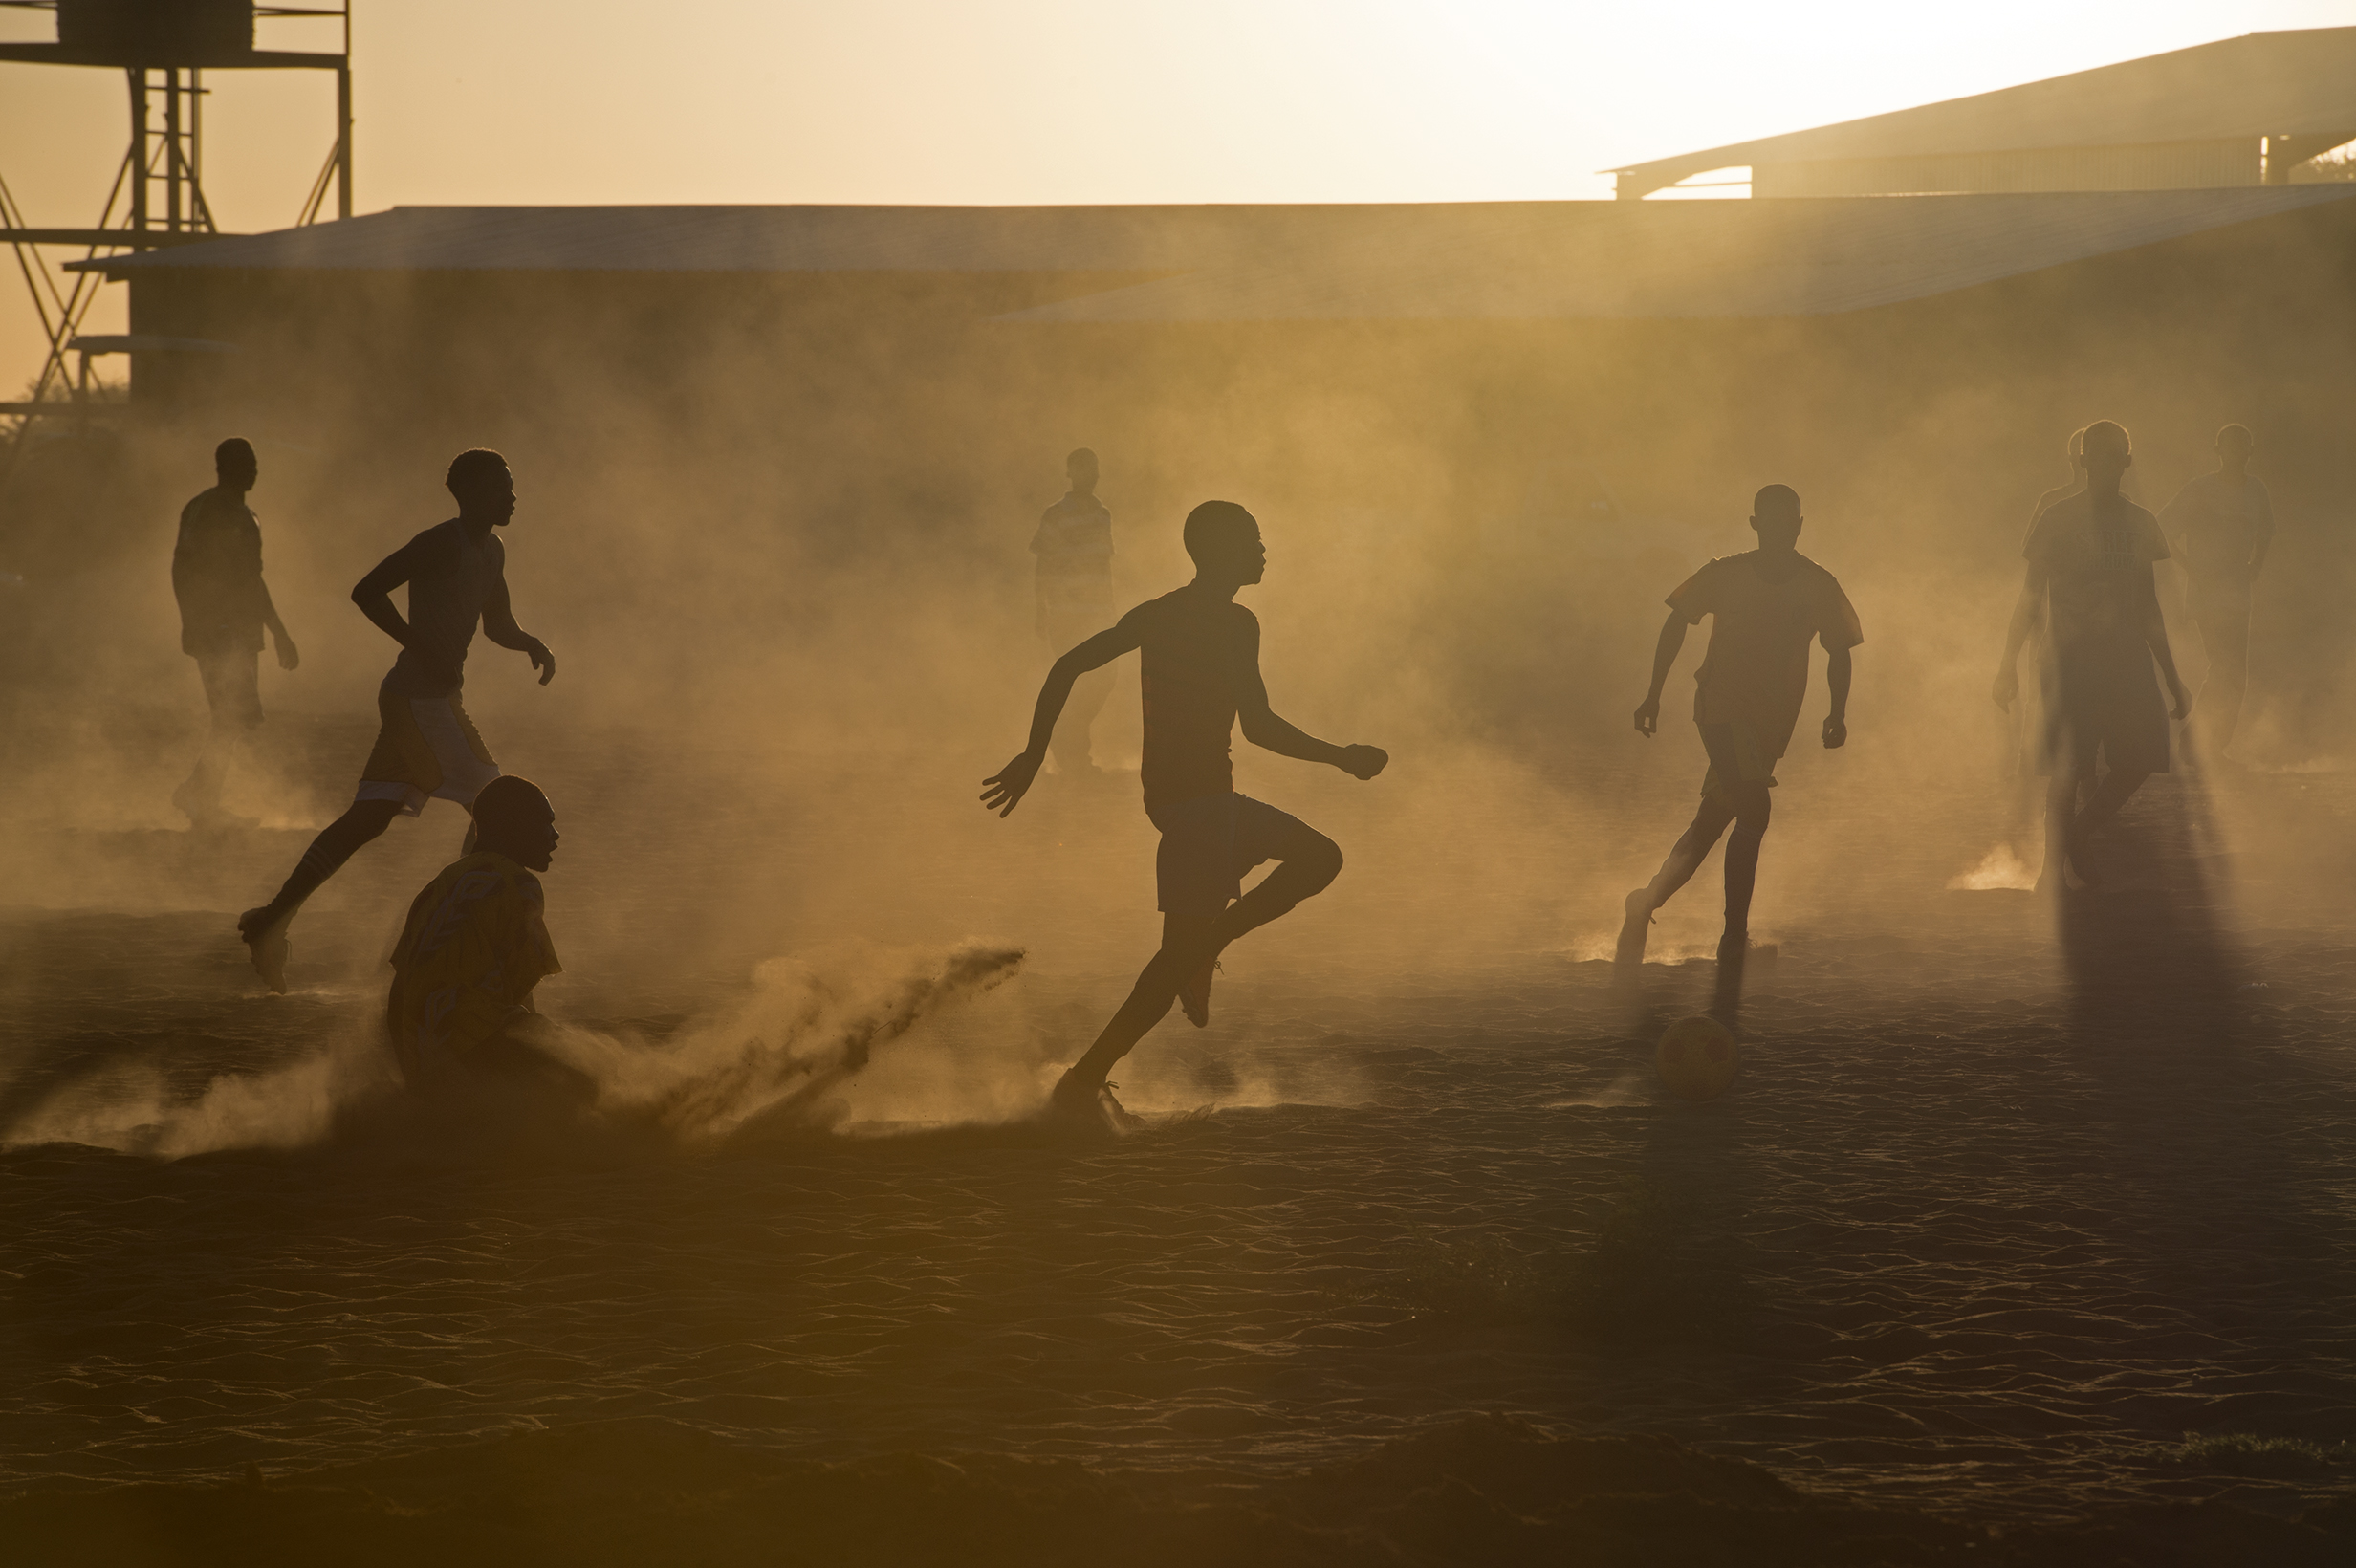 Feierabendfussball, Namibia